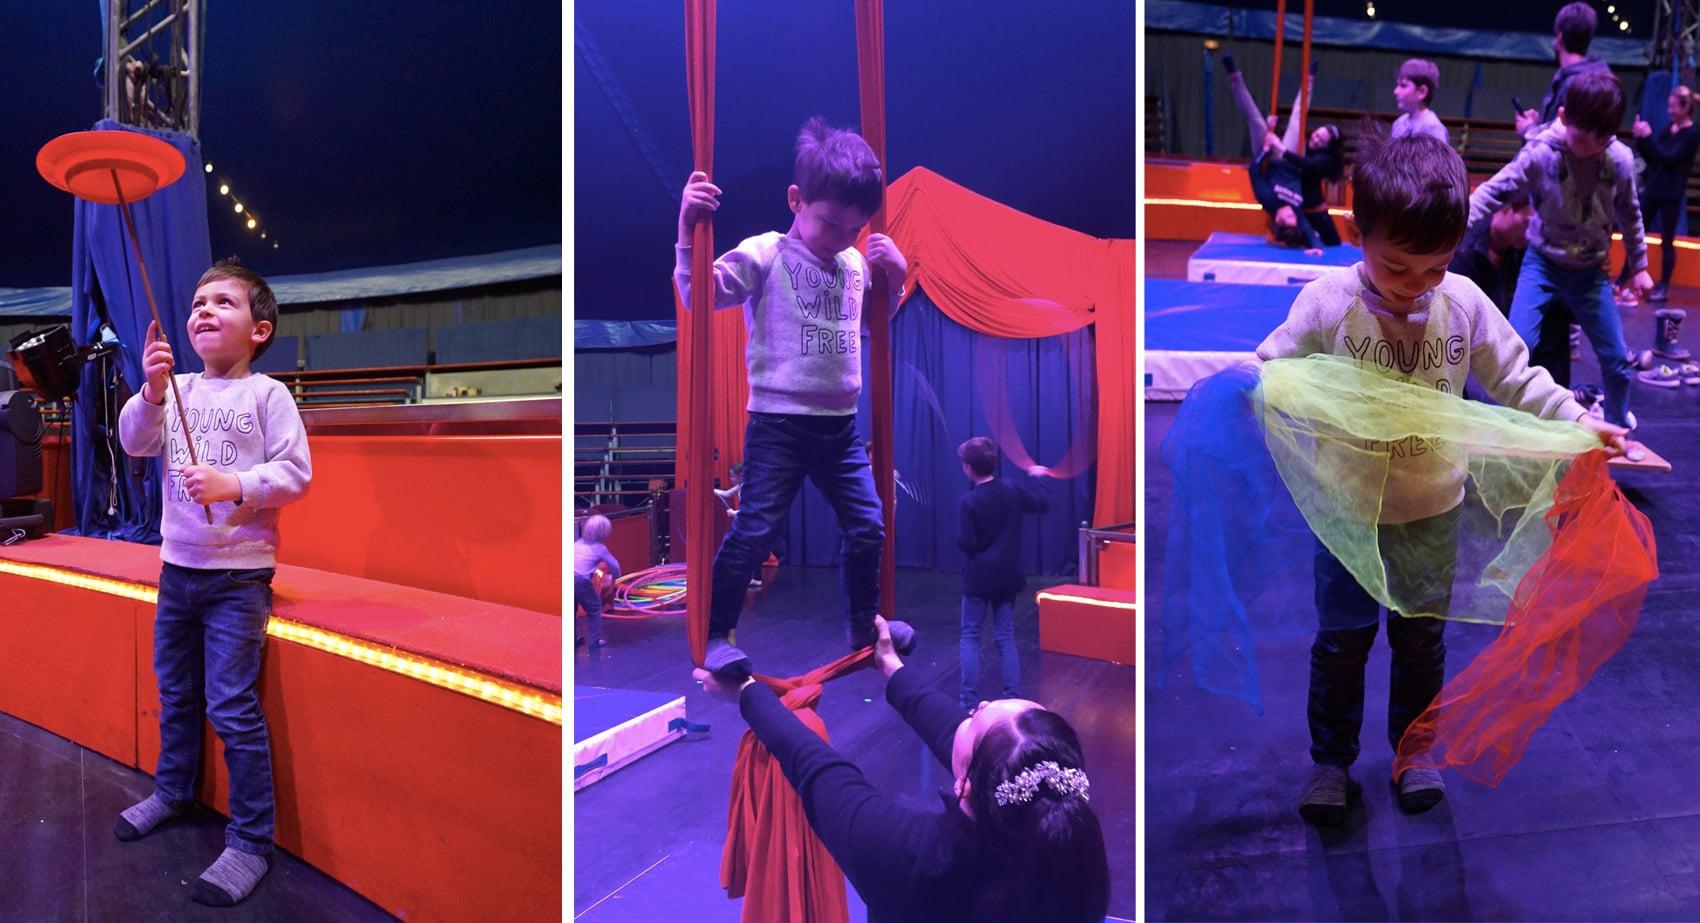 Ecole de Cirque Lyon - Cirque Imagine